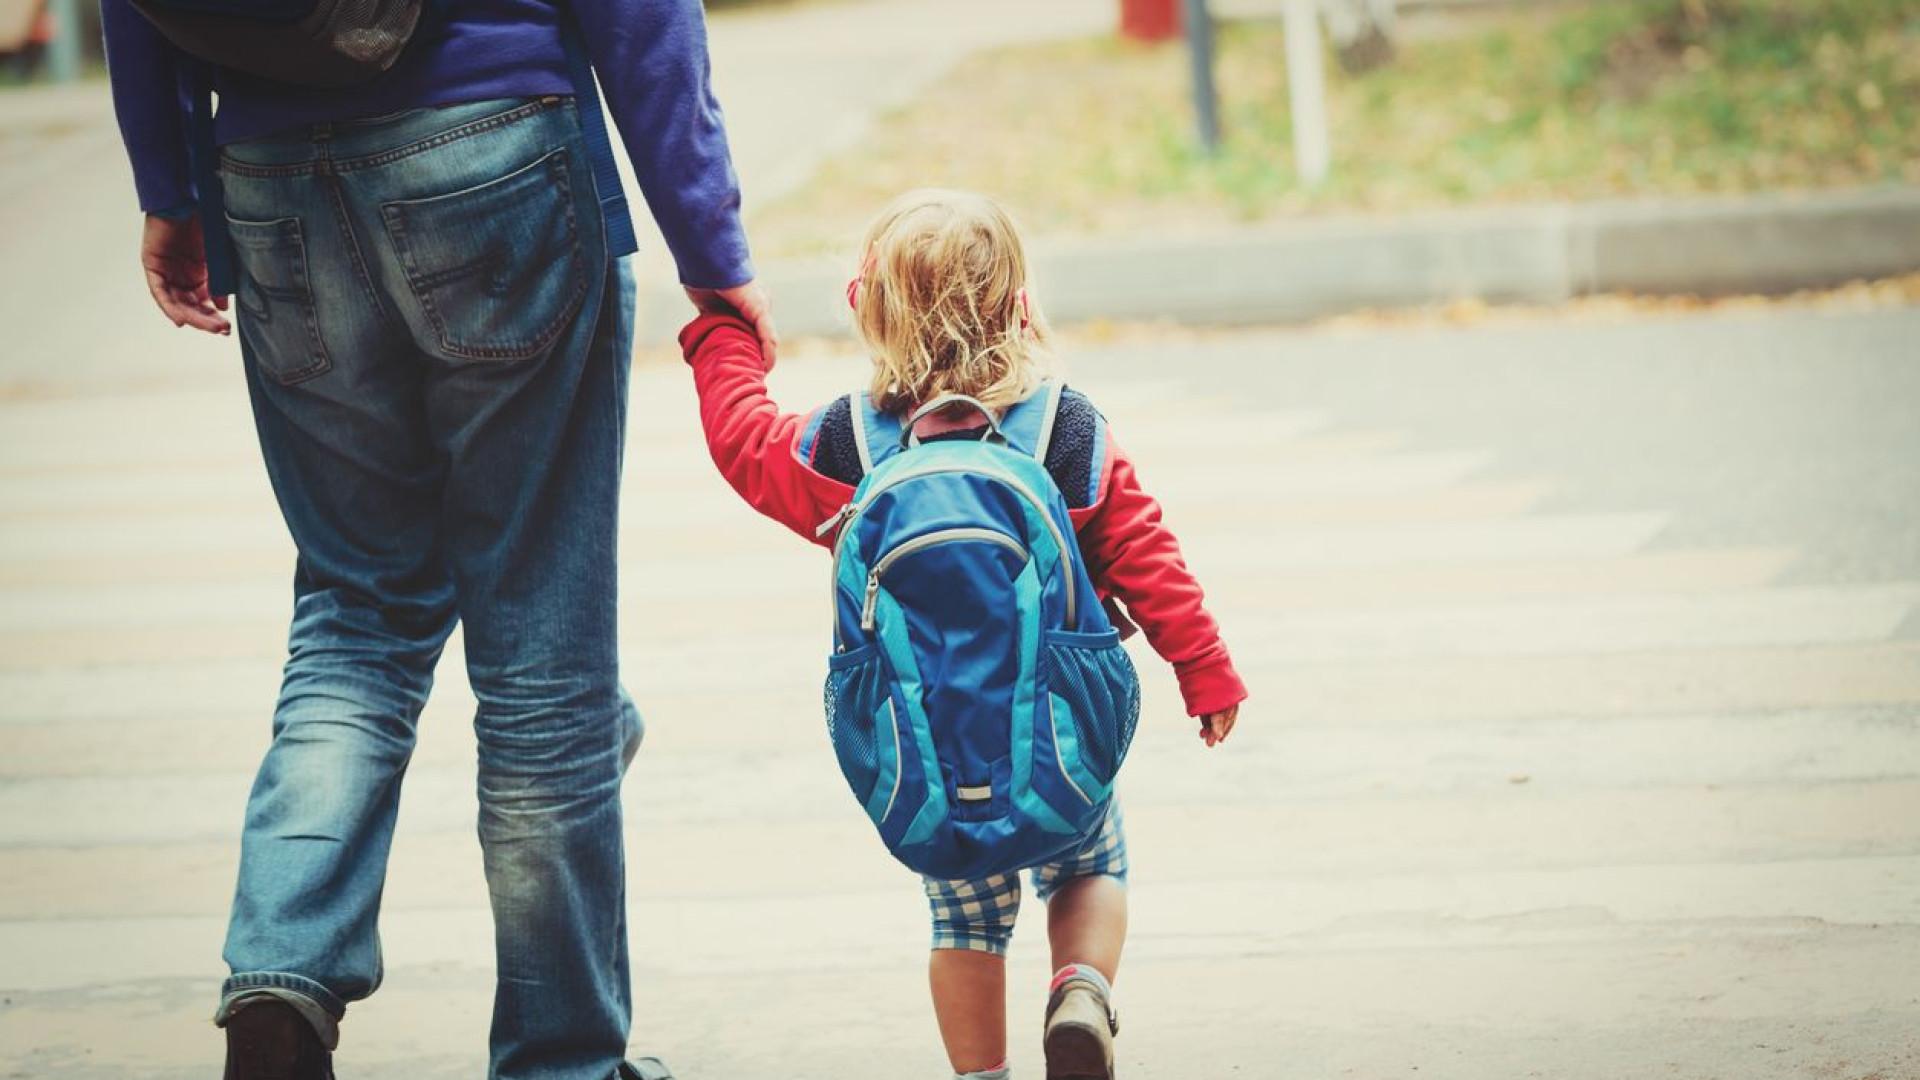 O que pais devem ensinar aos filhos no regresso às aulas, segundo a PSP